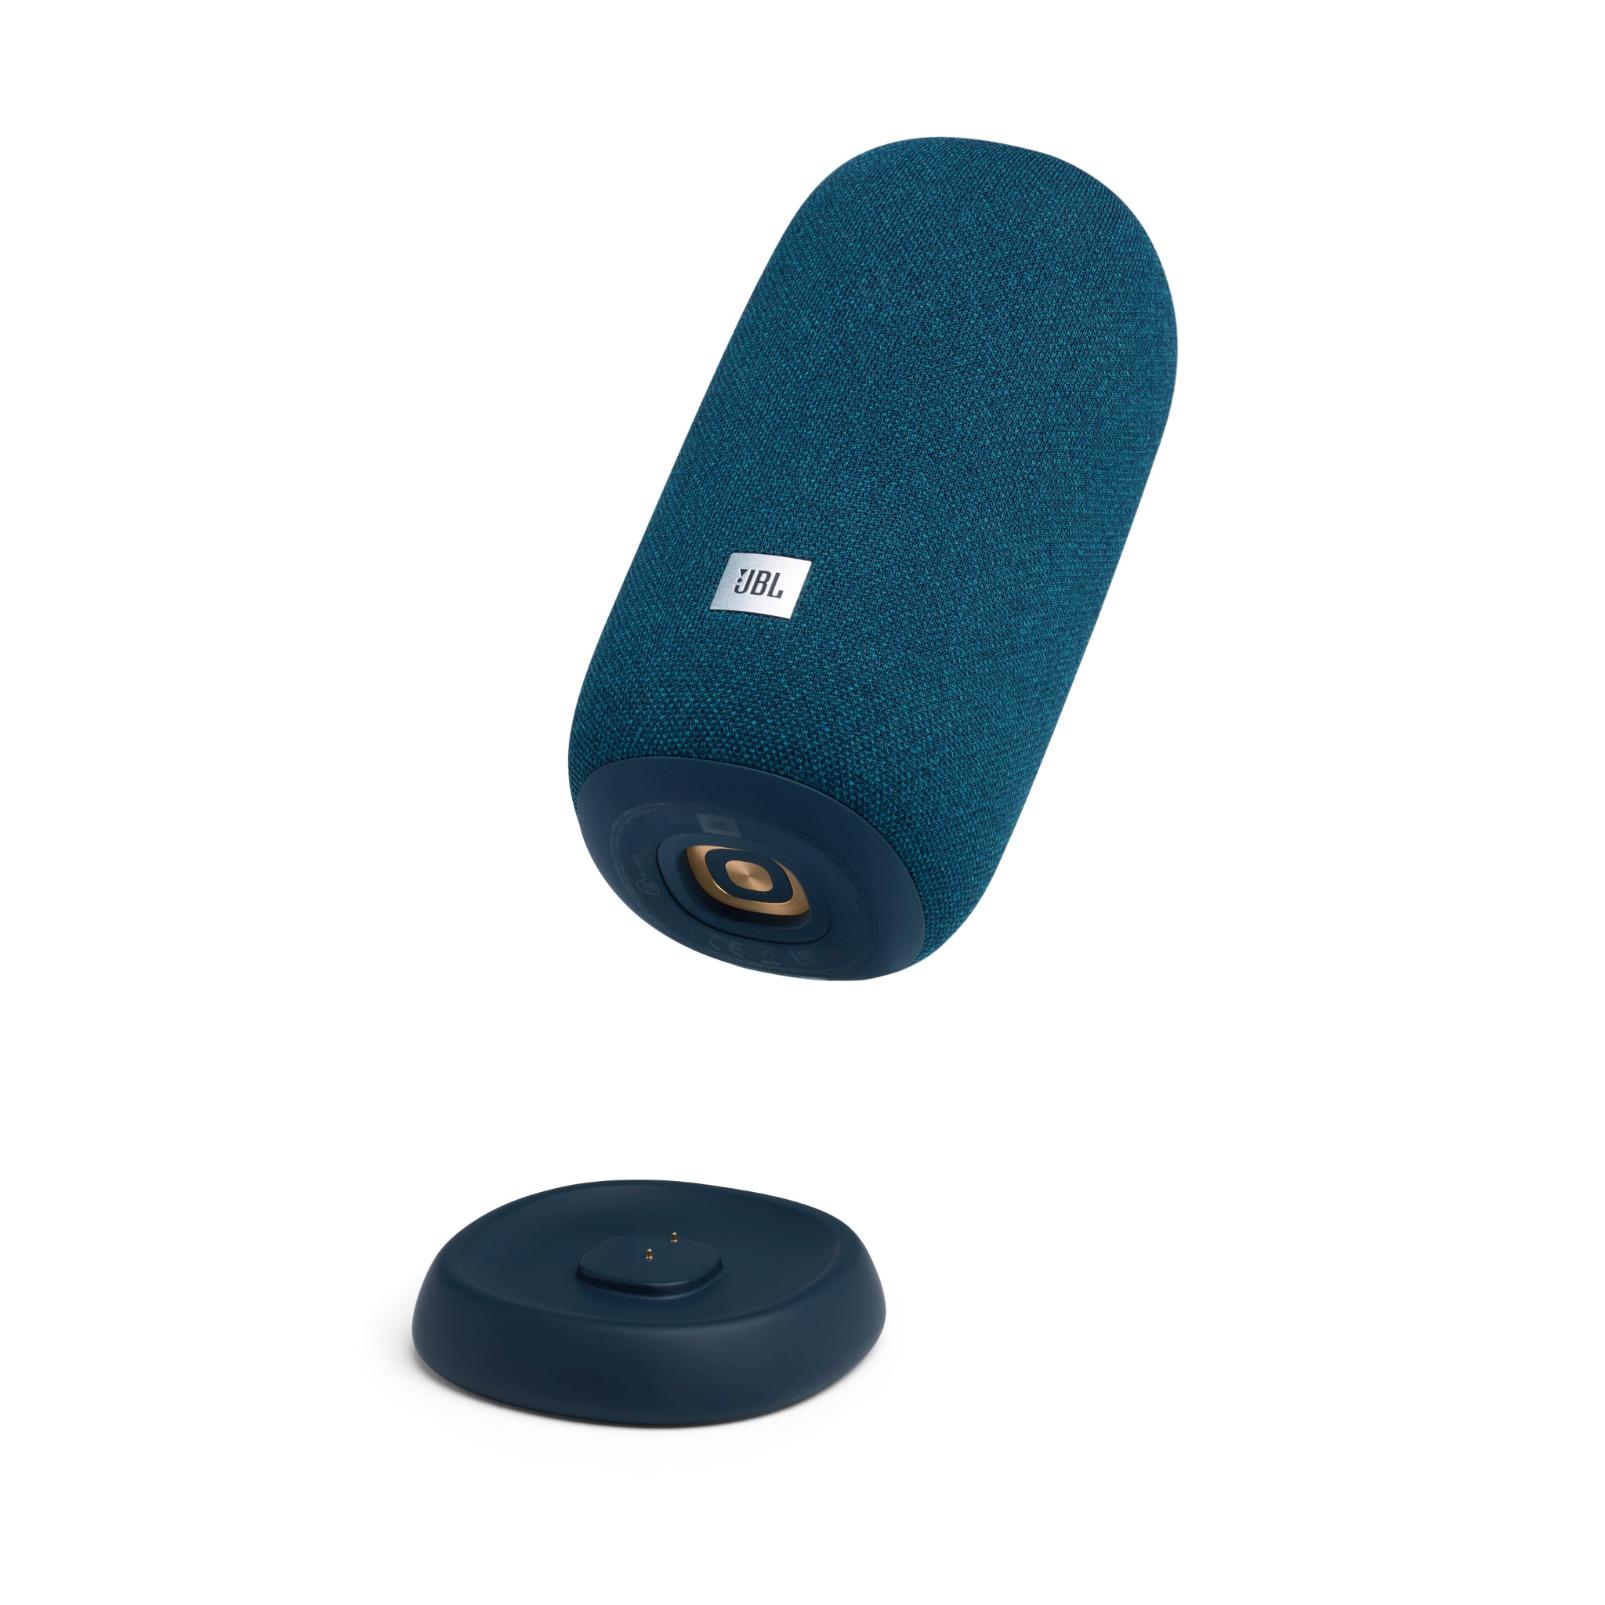 JBL Link Portable - Blue - Portable Wi-Fi Speaker - Detailshot 1